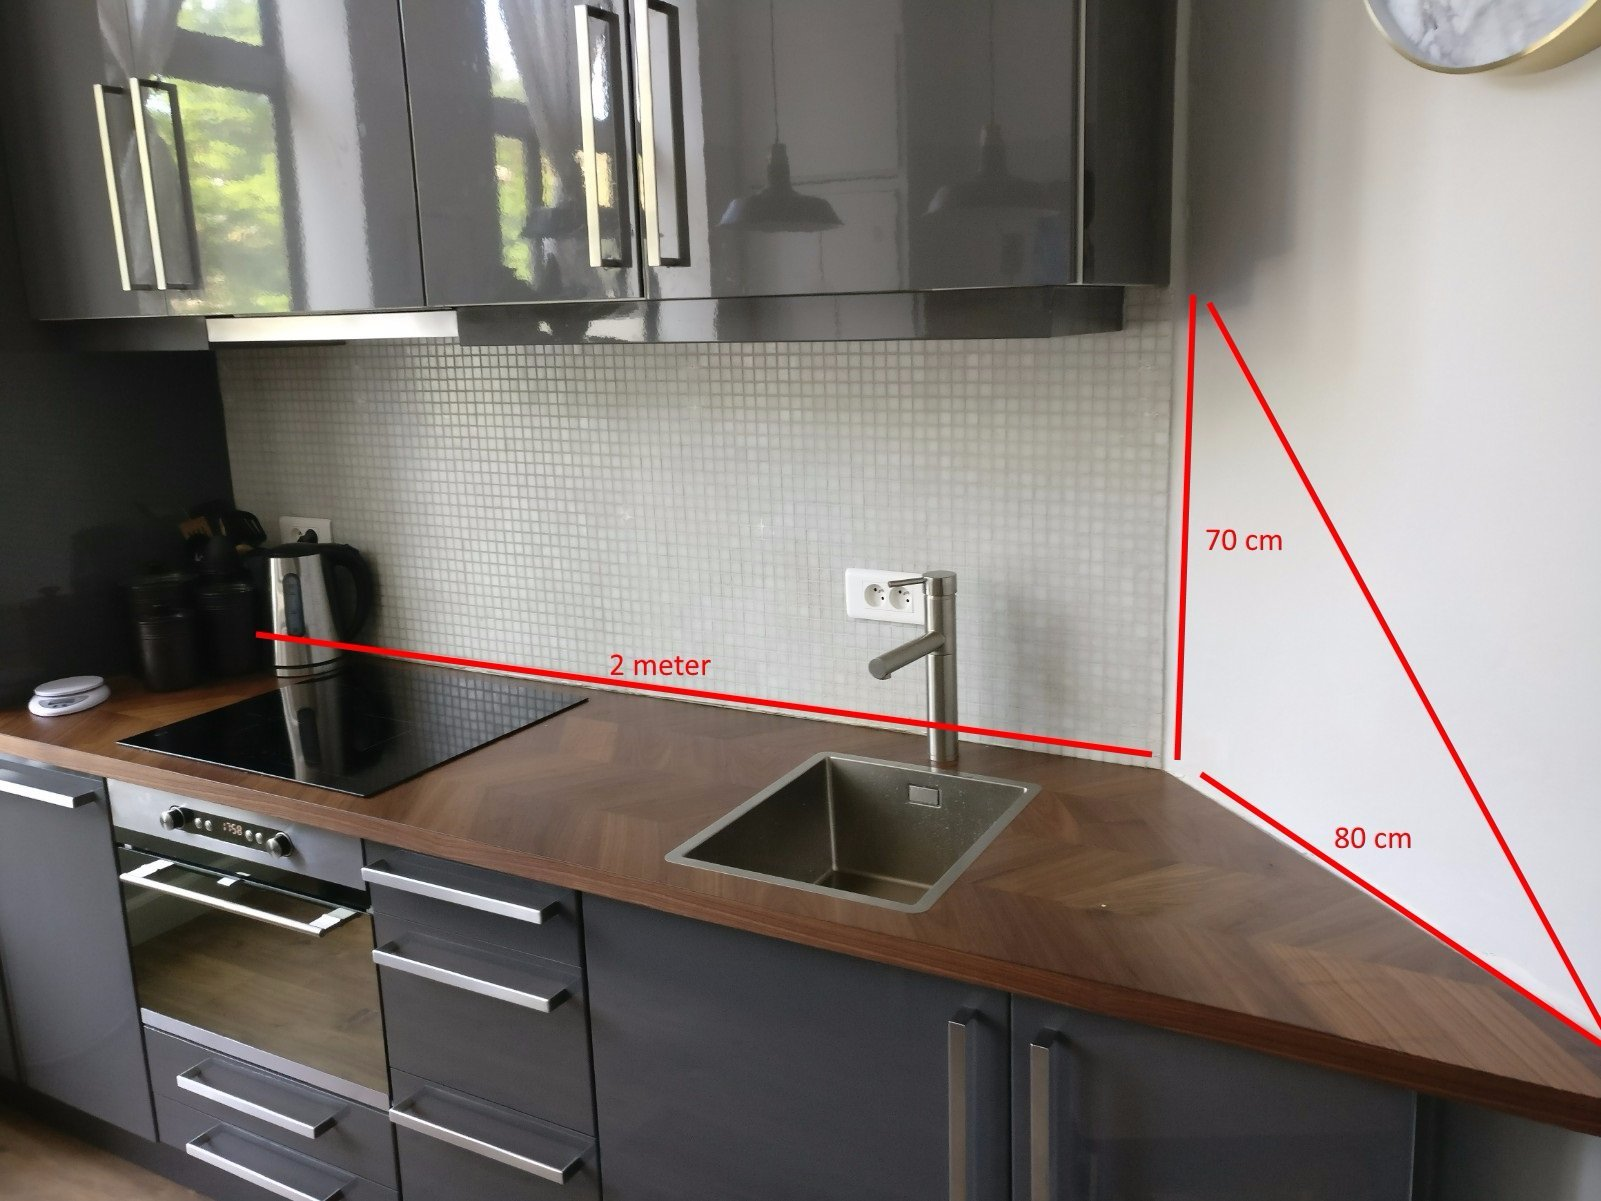 Muur Keuken Kleine : Tegelen muur keuken met kleine tegels werkspot